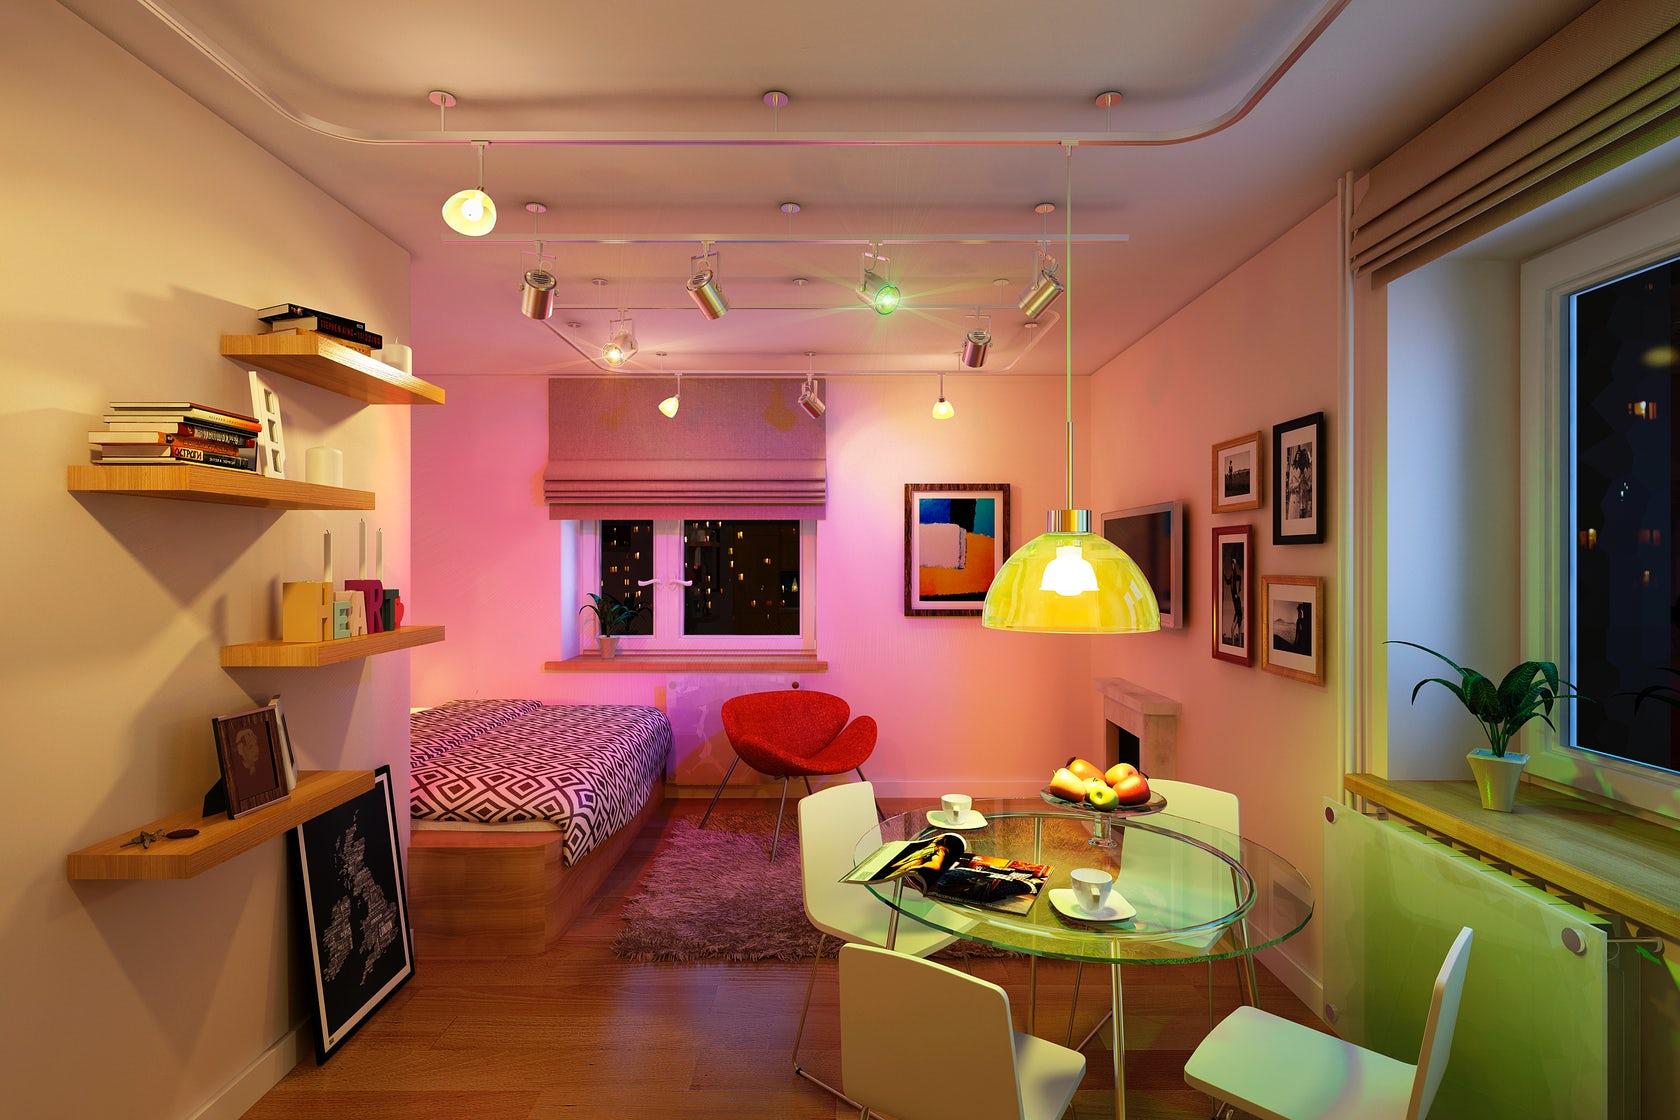 освещение комнт в квартире варианты